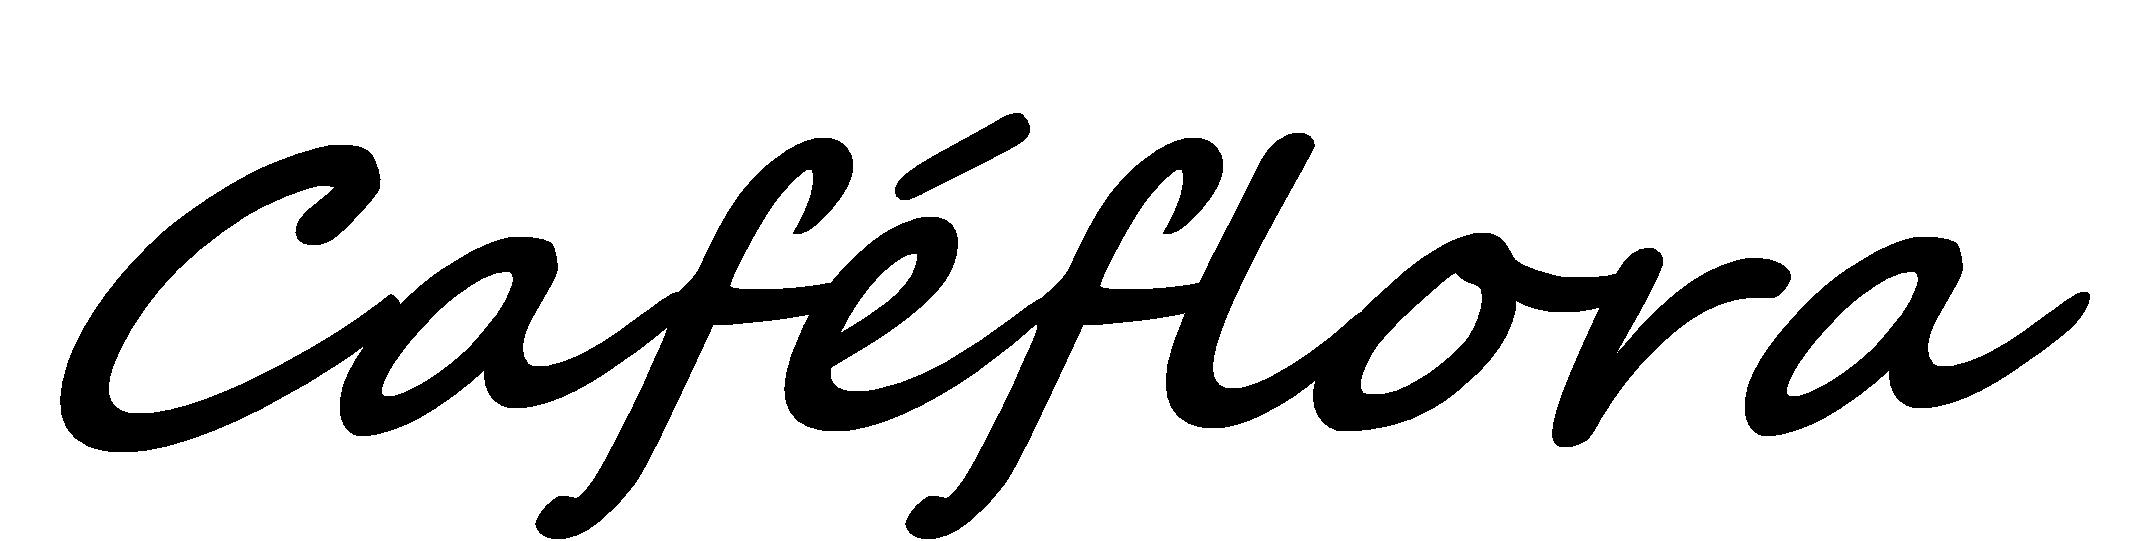 Cafeflora nettbutikk. Orgnr: 921624972 MVA Foretaksregistret